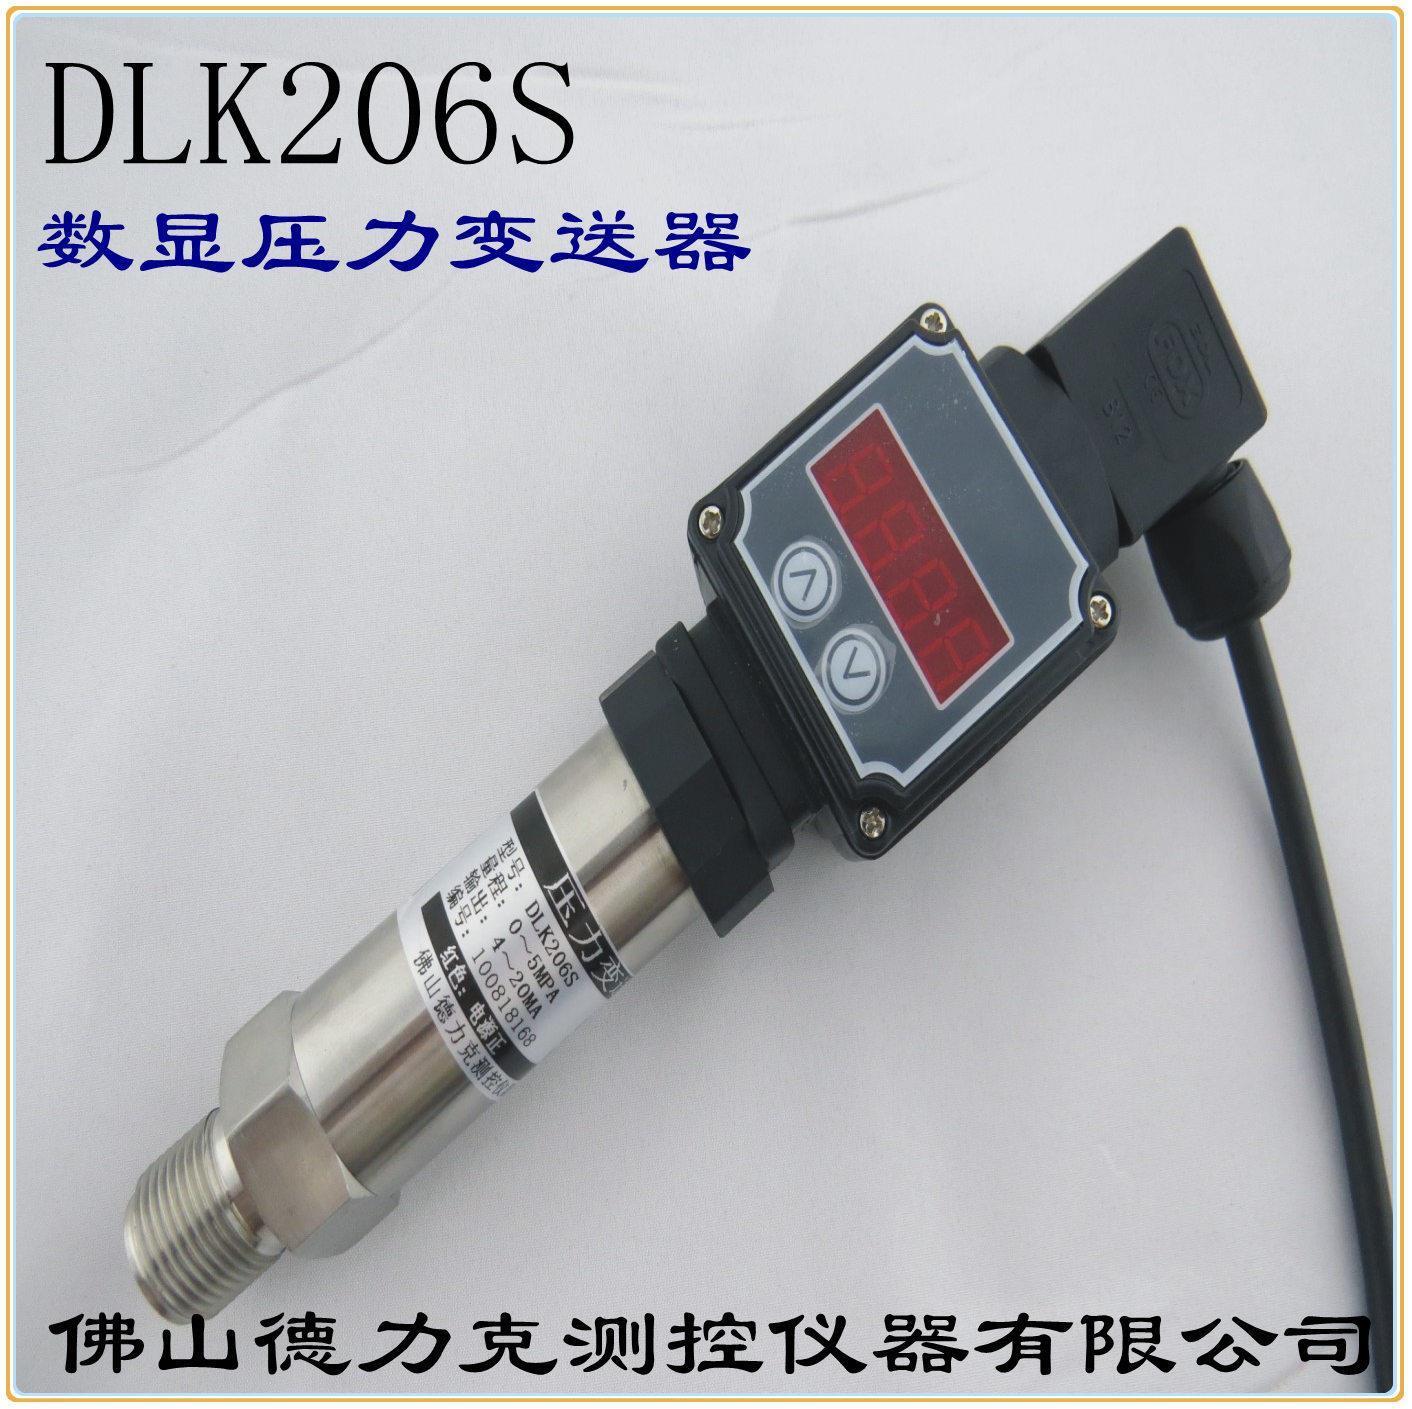 数显压力压传感器|数字显示压力传感器|带显示压力传感器产品资料